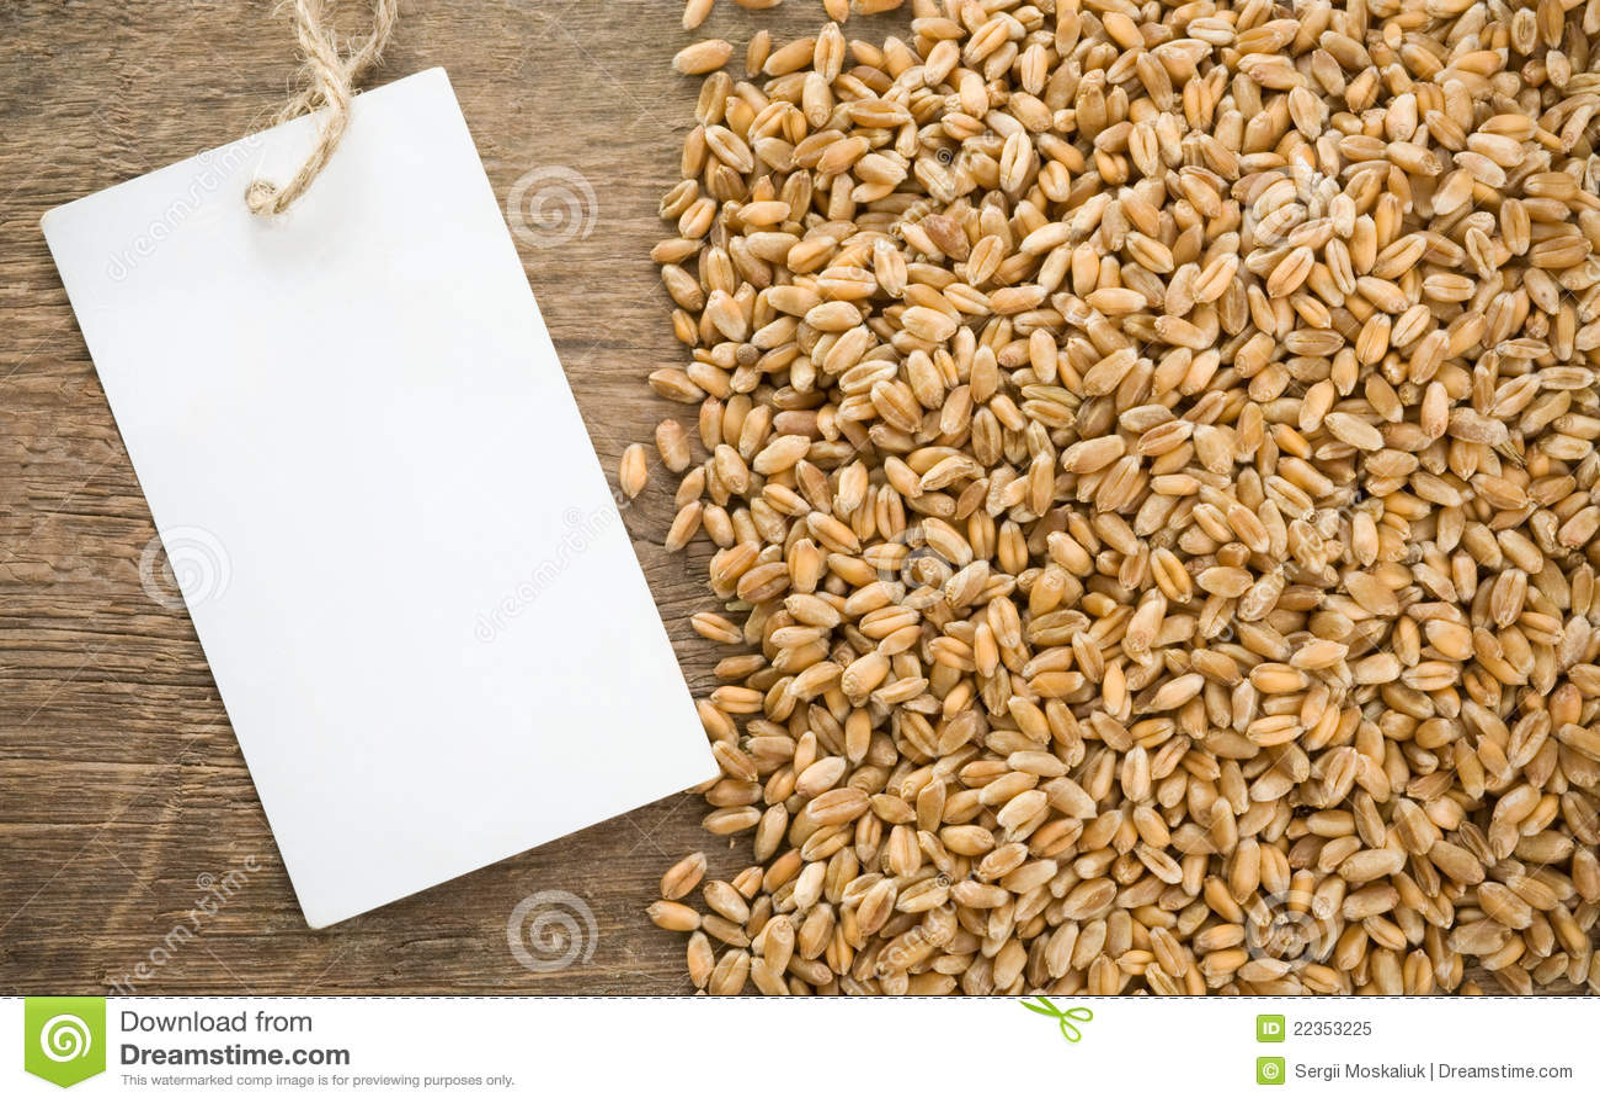 谷物价牌麦子